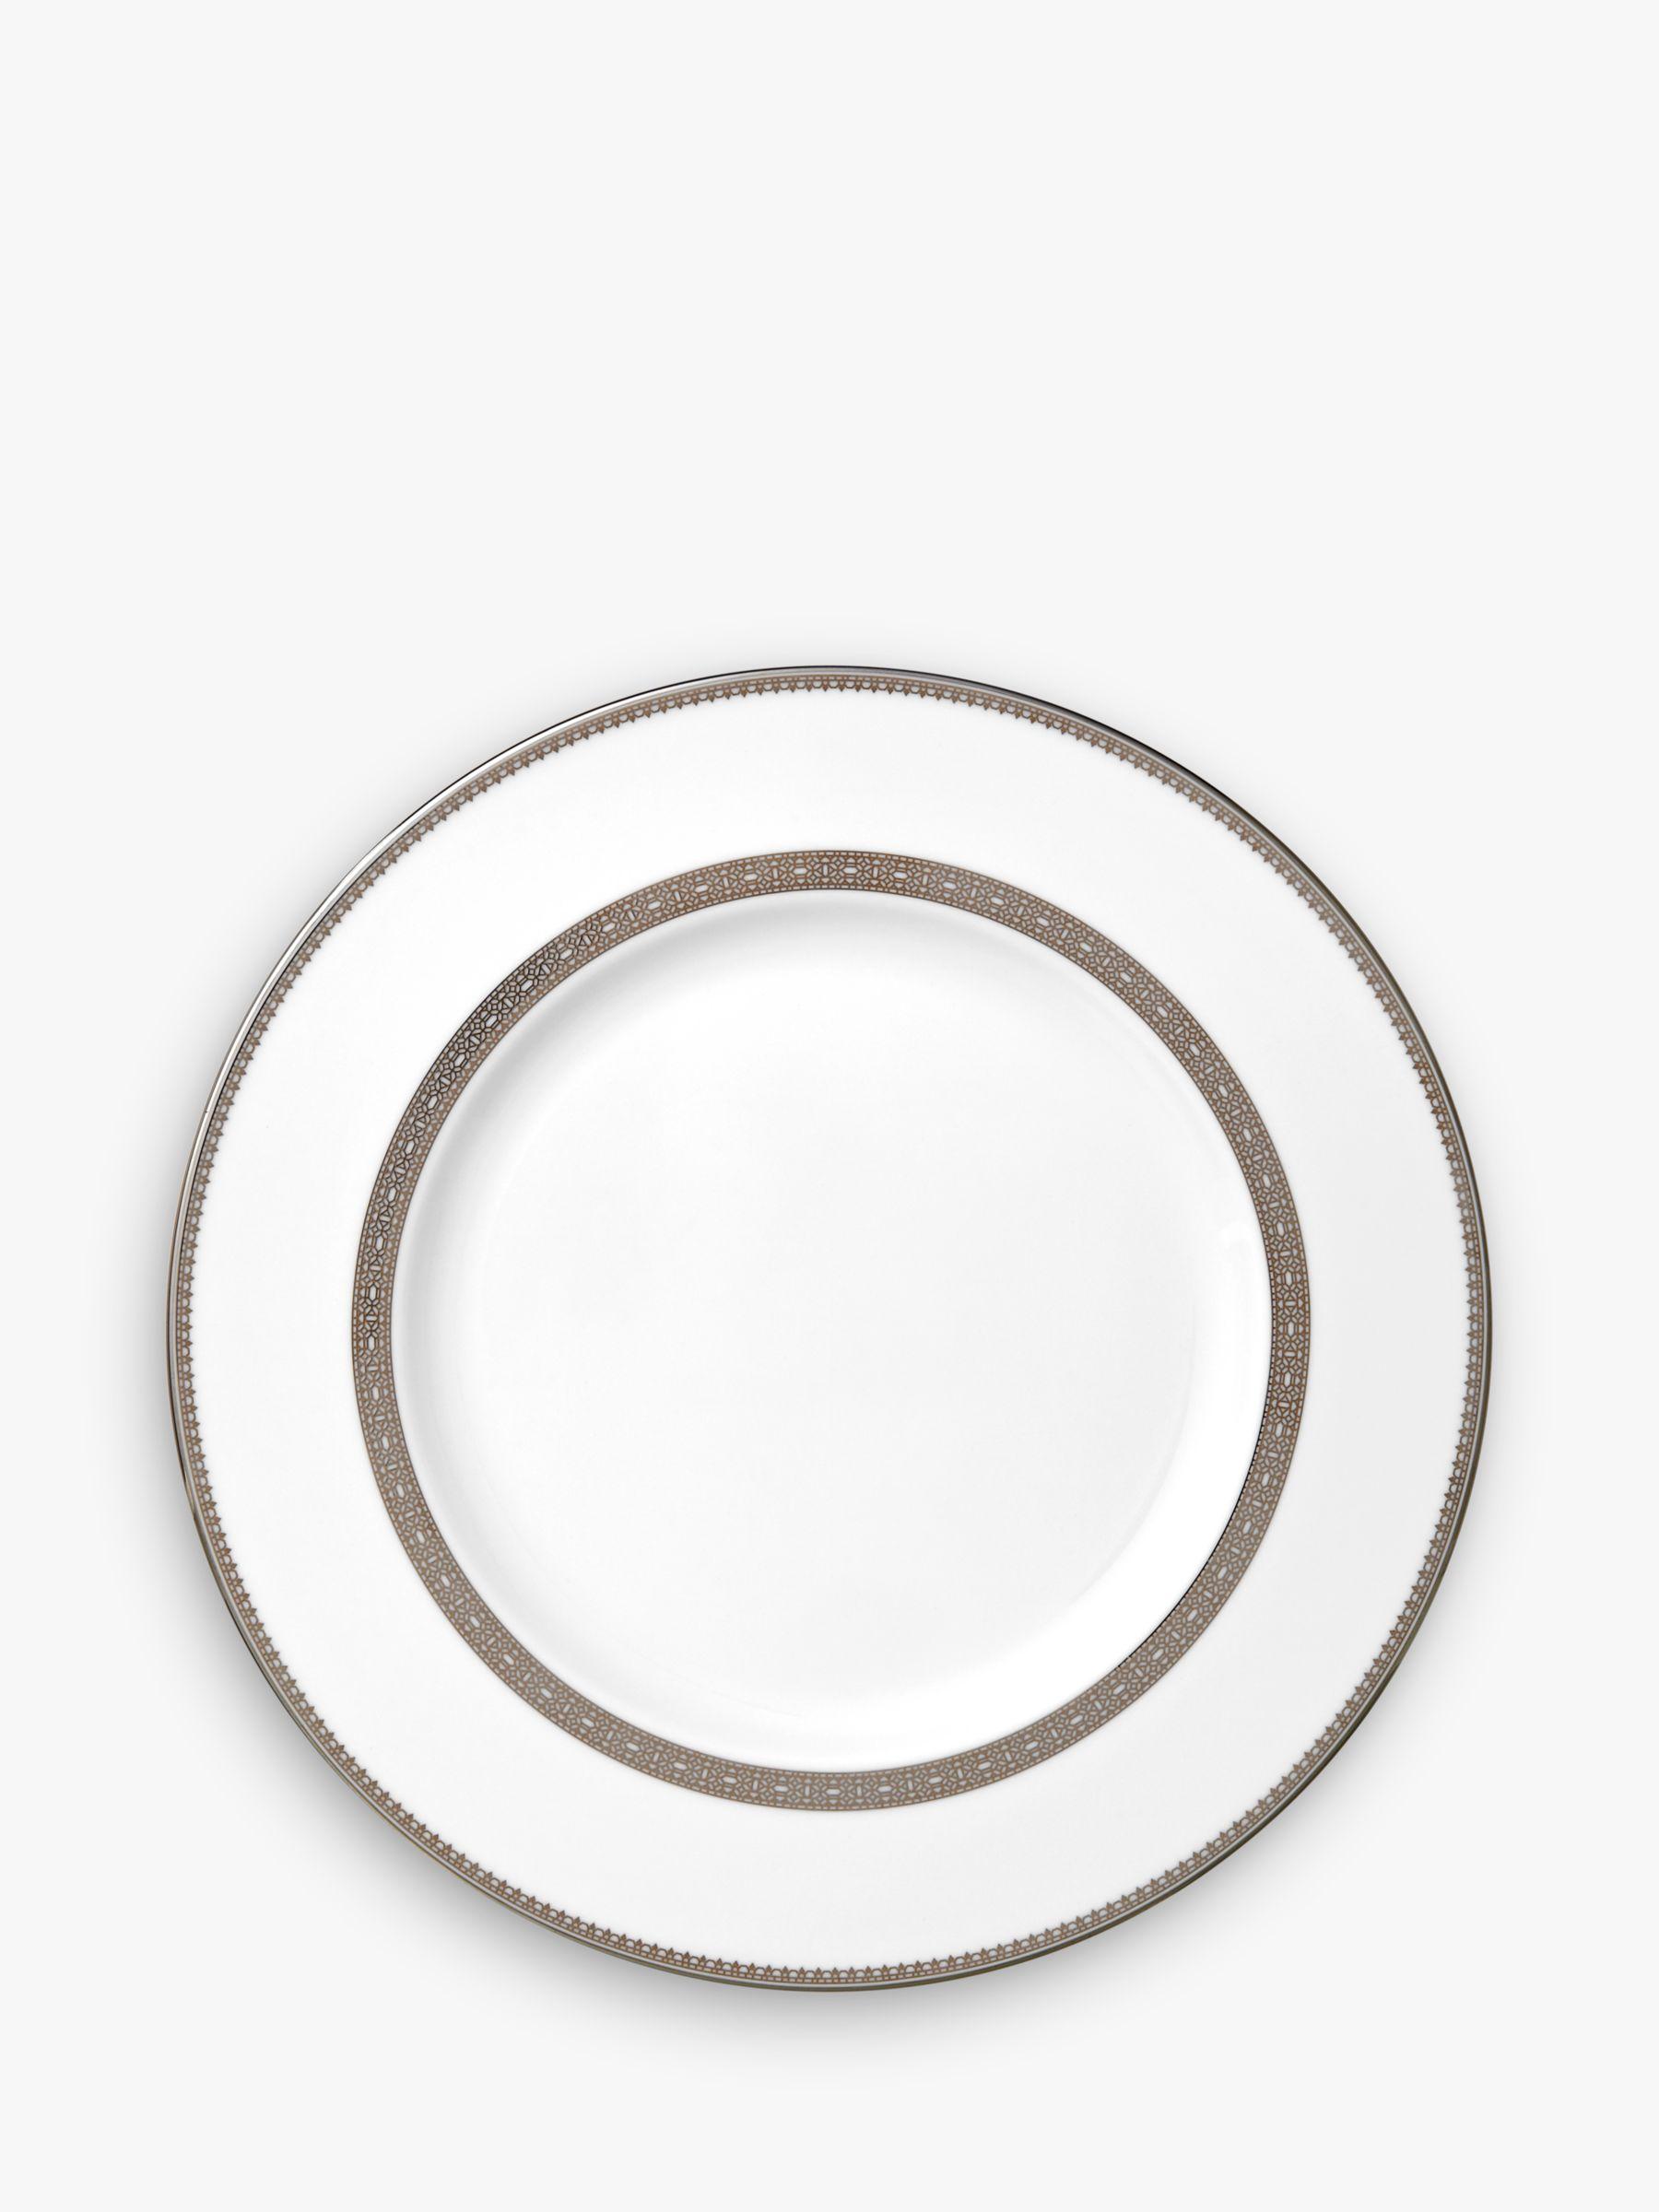 Vera Wang for Wedgwood Vera Wang for Wedgwood Lace Platinum 27cm Dinner Plate, White